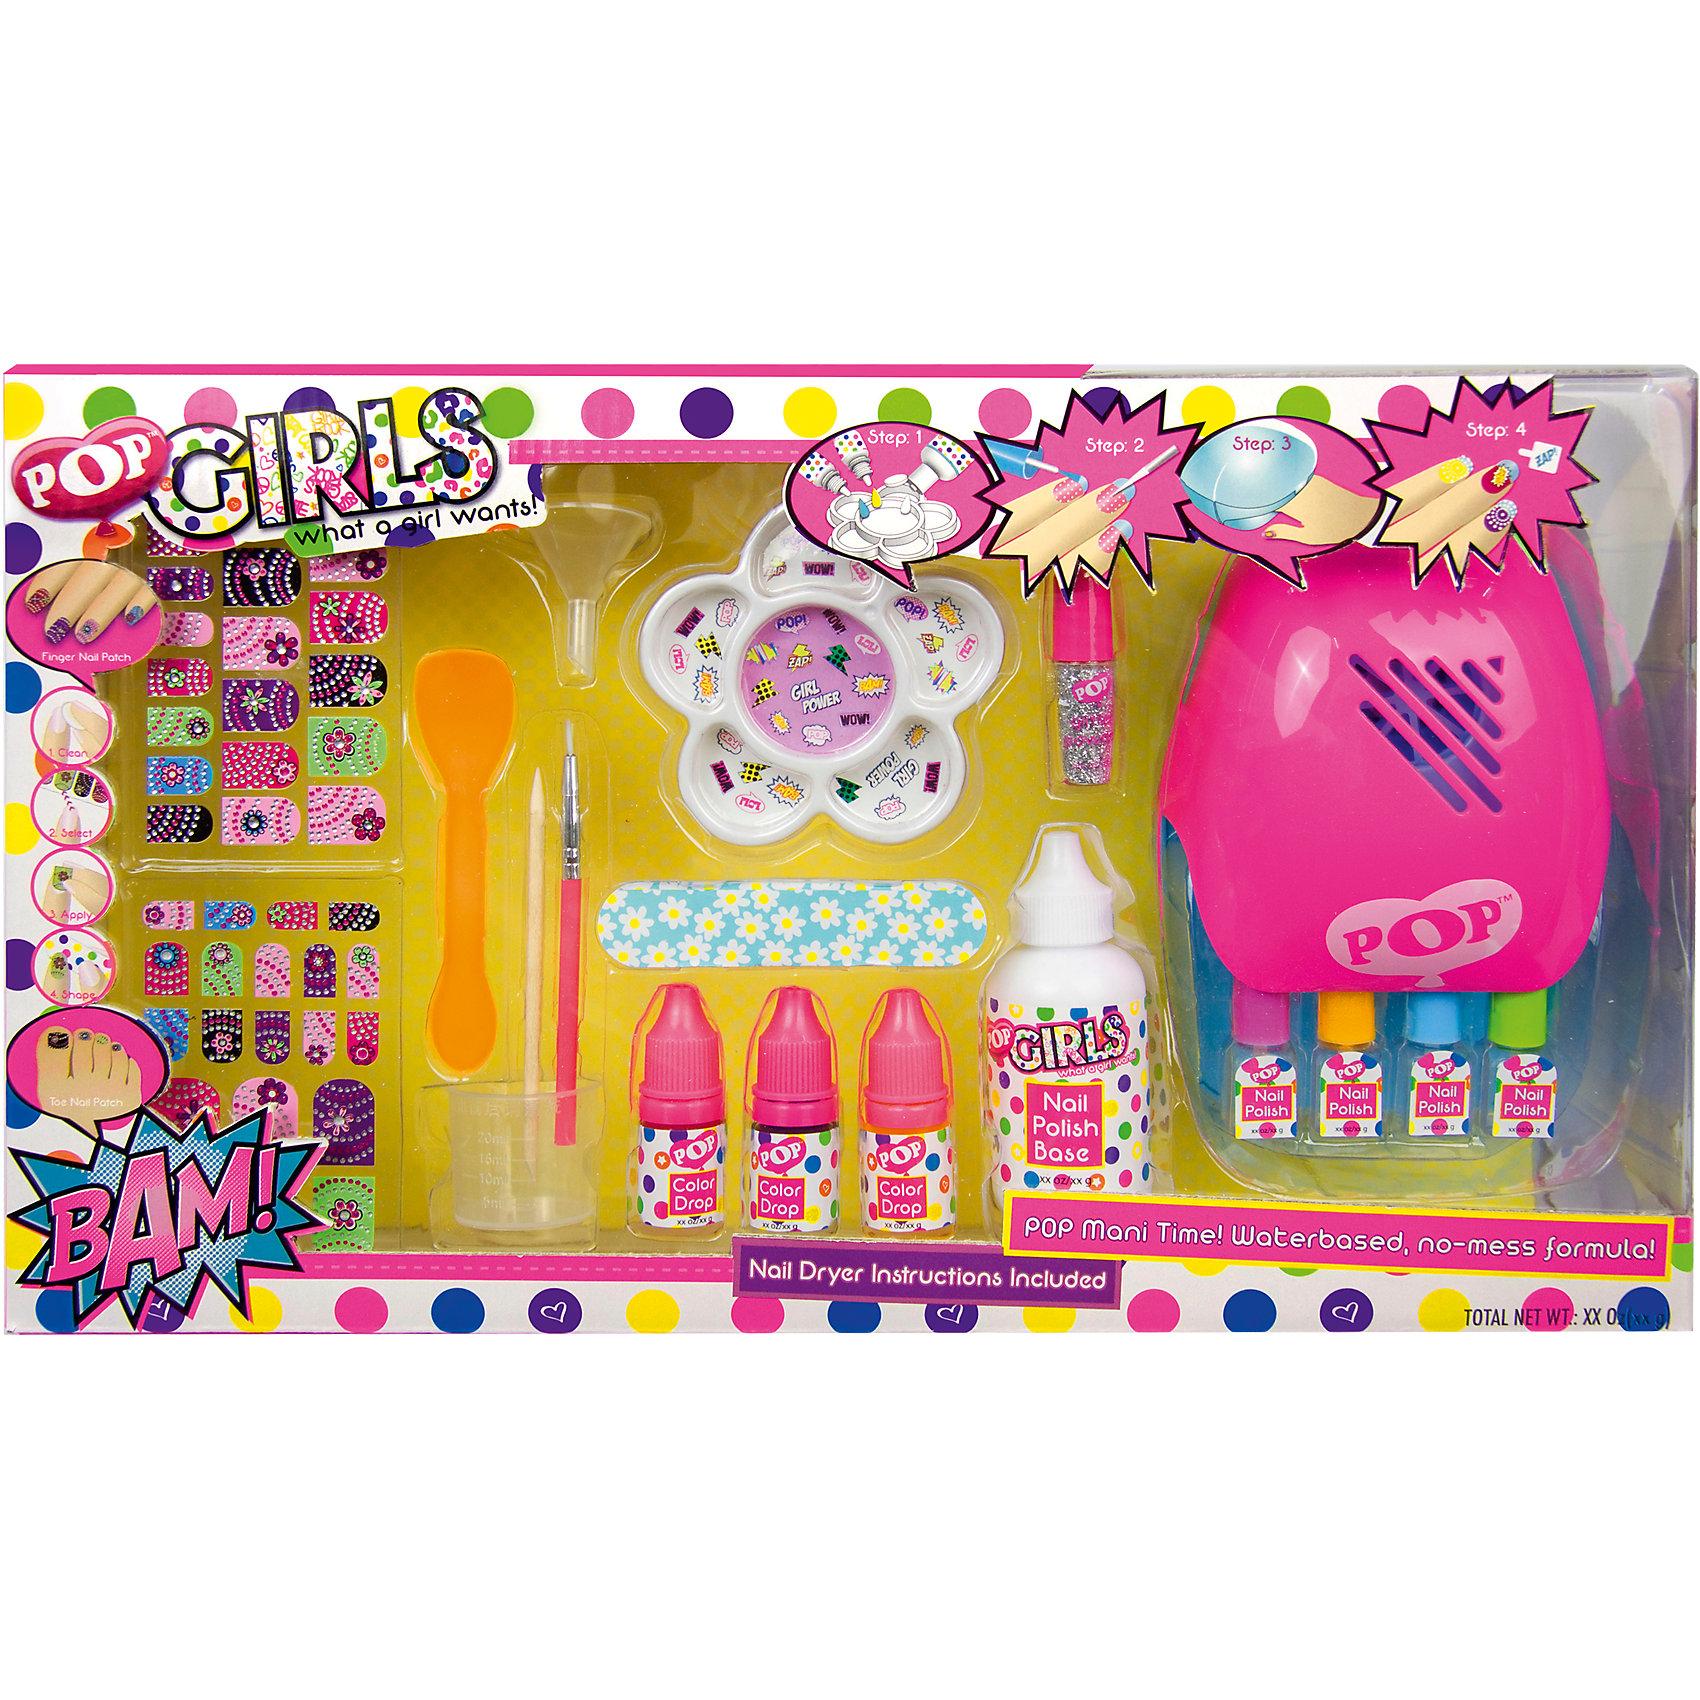 Большой Игровой набор детской декоративной косметики POP для ногтейКосметика, грим и парфюмерия<br>Большой Игровой набор детской декоративной косметики POP для ногтей, Markwins (Марквинс).<br><br>Характеристики:<br><br>• щадящая формула не повреждает ногти ребенка<br>• лак на водной основе<br>• цветовую гамму можно создать самостоятельно<br>• есть все необходимые инструменты<br>• не содержит парабенов и пальмового масла<br>• долго держится и легко стирается<br>• в комплекте: 3 краски на водной основе для создания лака для ногтей, базовое вещество для создания лака для ногтей, блёстки во флаконе, палитра для смешивания компонентов лака, мерный стаканчик, ложечка для смешивания, воронка для переливания лака, 4 флакона для лака, палочка для отодвигания кутикулы, пилочка для ногтей, кисть для нанесения рисунка на ногти, 40 наклеек для ногтей, устройство для сушки лака для ногтей<br>• размер: 39х8х24 см<br>• вес: 0,4 кг<br>• батарейки: АА - 2 шт. (В комплект не входят)<br>• перед первым применением рекомендуется провести тест на аллергию: нанесите немного косметики на кожу на 30-40 минут и проверьте реакцию<br><br>Каждая юная модница мечтает о безупречном маникюре. И если взрослые лаки использовать пока не стоит, то набор для ногтей Markwins отлично подойдет даже для маленьких девочек. Щадящая формула не вызывает раздражения и не повреждает ногти. Лак изготавливается на водной основе, причем цвет девочка может выбрать сама. Готовый маникюр можно дополнить блестками, наклейками или рисунком. В набор также входят: палочка для кутикулы, пилочка и аппарат для сушки. Проявив фантазию, девочка сможет создать идеальный маникюр, соответствующий её настроению!<br><br>Большой Игровой набор детской декоративной косметики POP для ногтей вы можете купить в нашем интернет-магазине.<br><br>Ширина мм: 390<br>Глубина мм: 74<br>Высота мм: 228<br>Вес г: 435<br>Возраст от месяцев: 48<br>Возраст до месяцев: 108<br>Пол: Женский<br>Возраст: Детский<br>SKU: 4540668